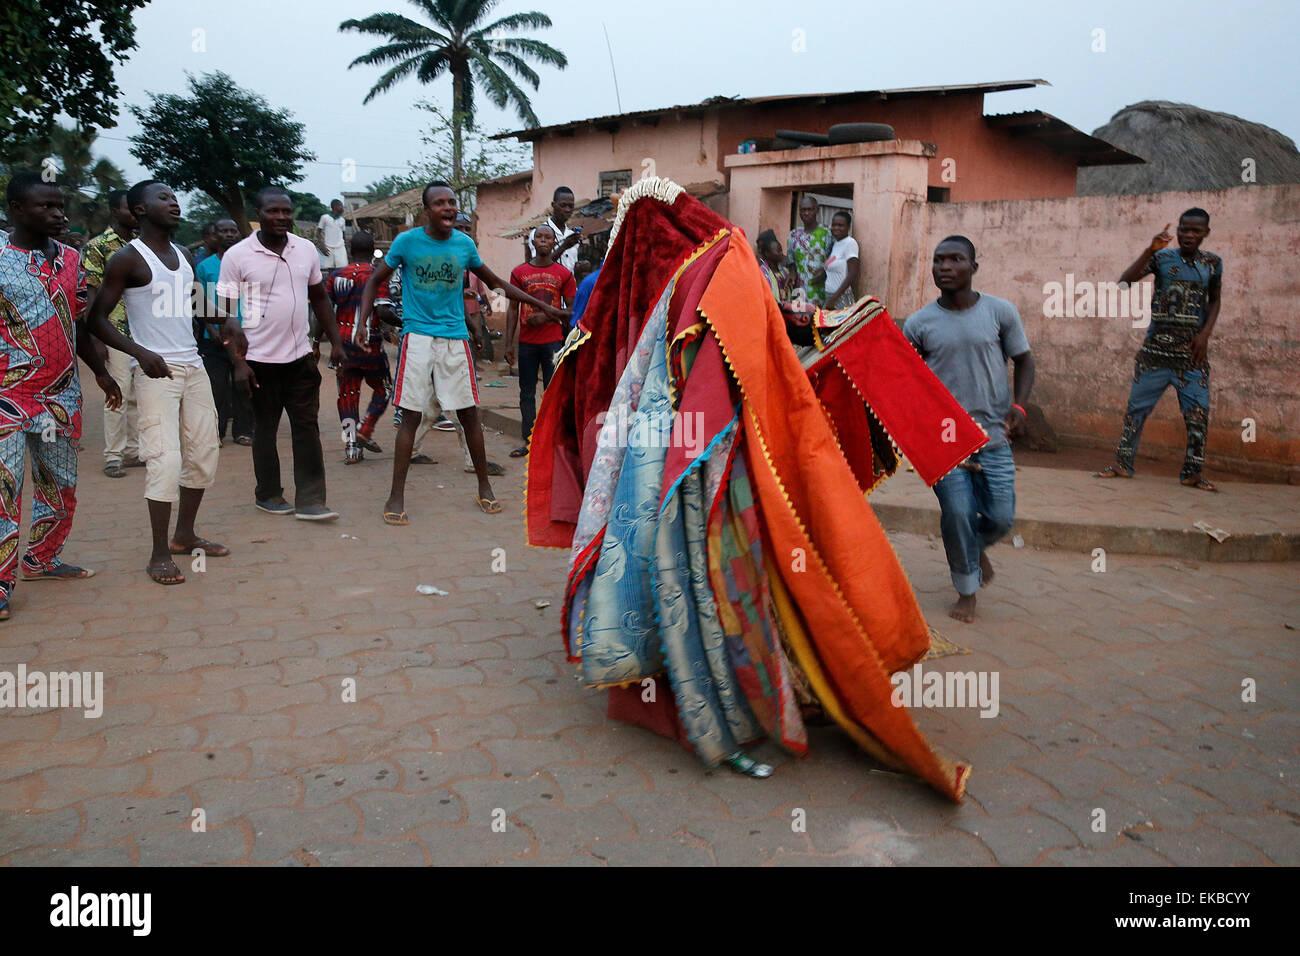 Personnes gardant leur distance qu'il est dangereux de toucher les egoun-egoun, Fête des fantômes à Ouidah, Bénin Banque D'Images